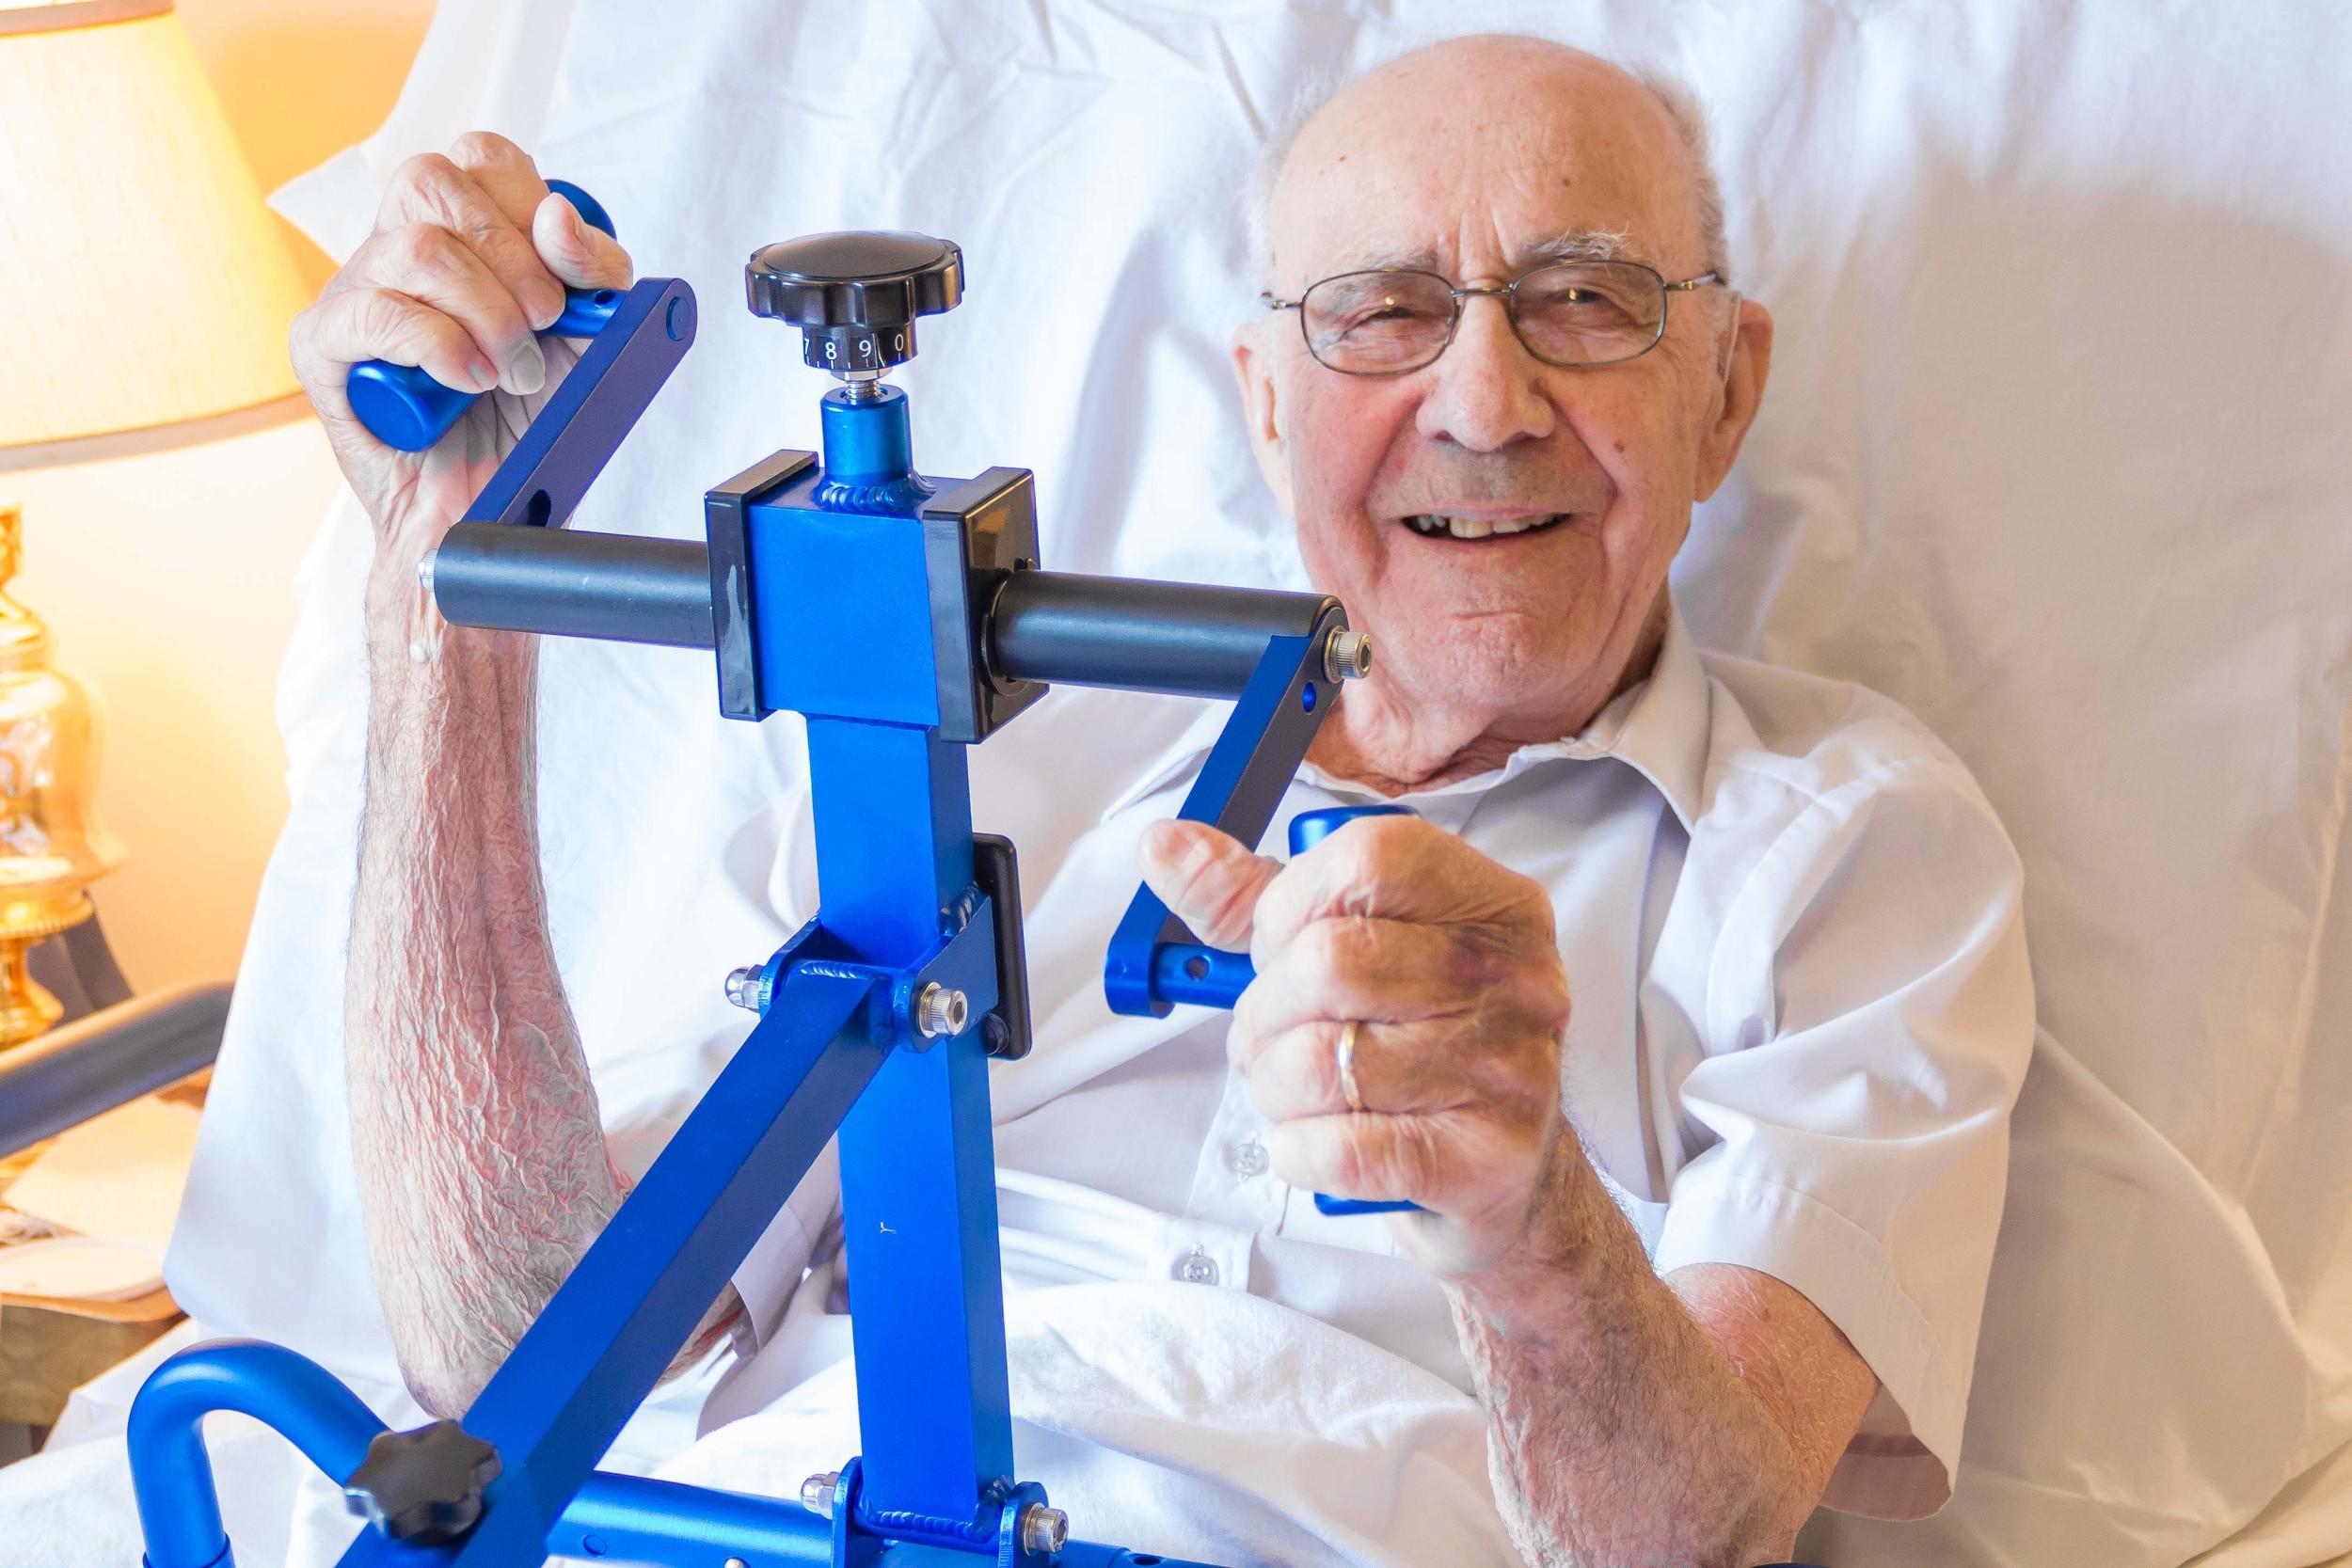 Senior man using BedBike, a portable arm ergometer